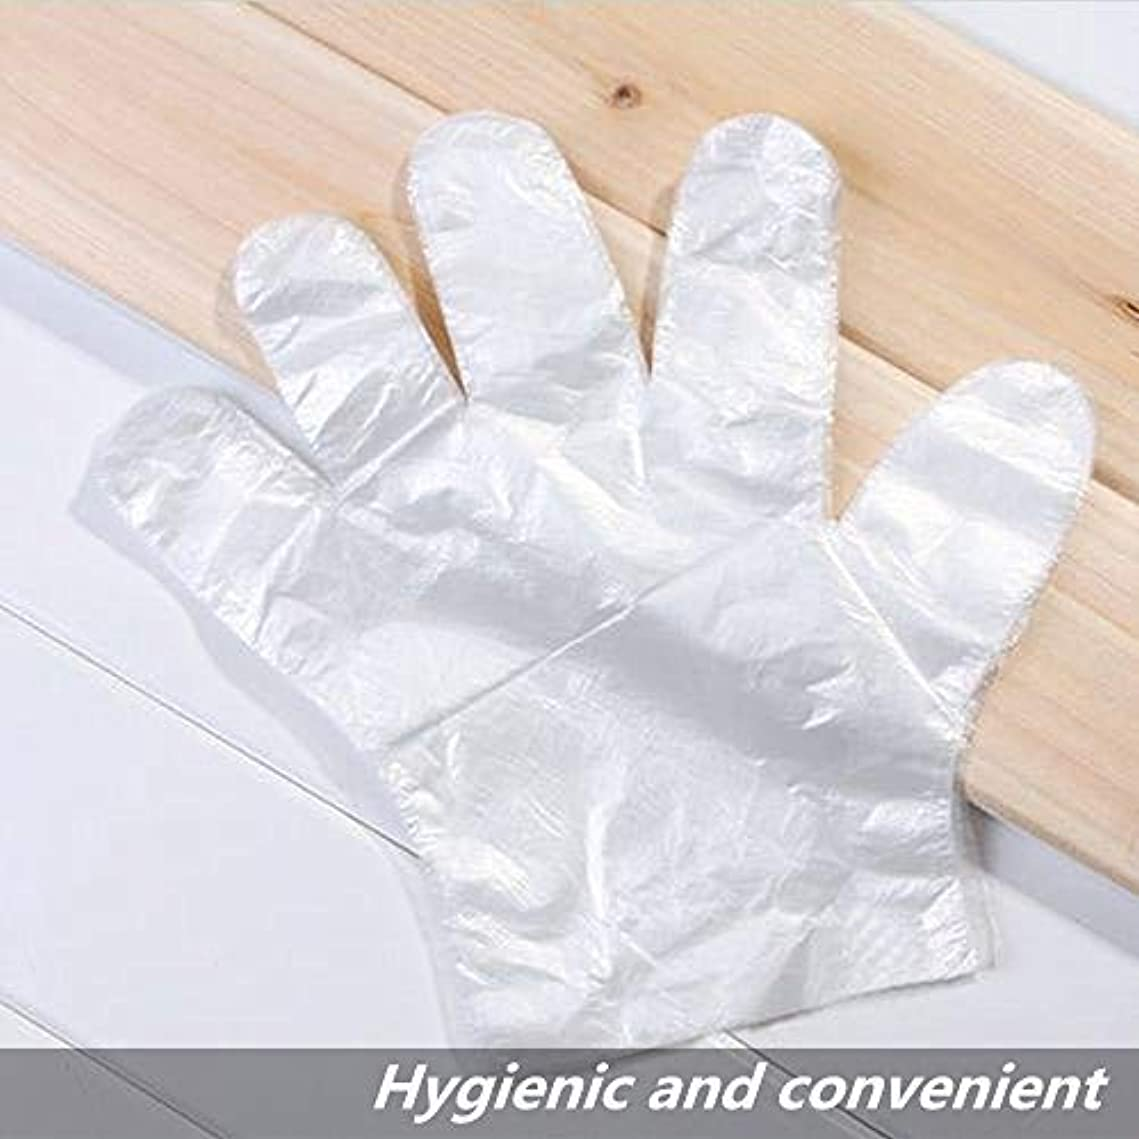 執着大理石気晴らし使い捨て手袋 プラスチック製使い捨て手袋 超薄型多機能透明なプラスチック手袋調理、掃除、染色などに適しています 50または100個 (100)